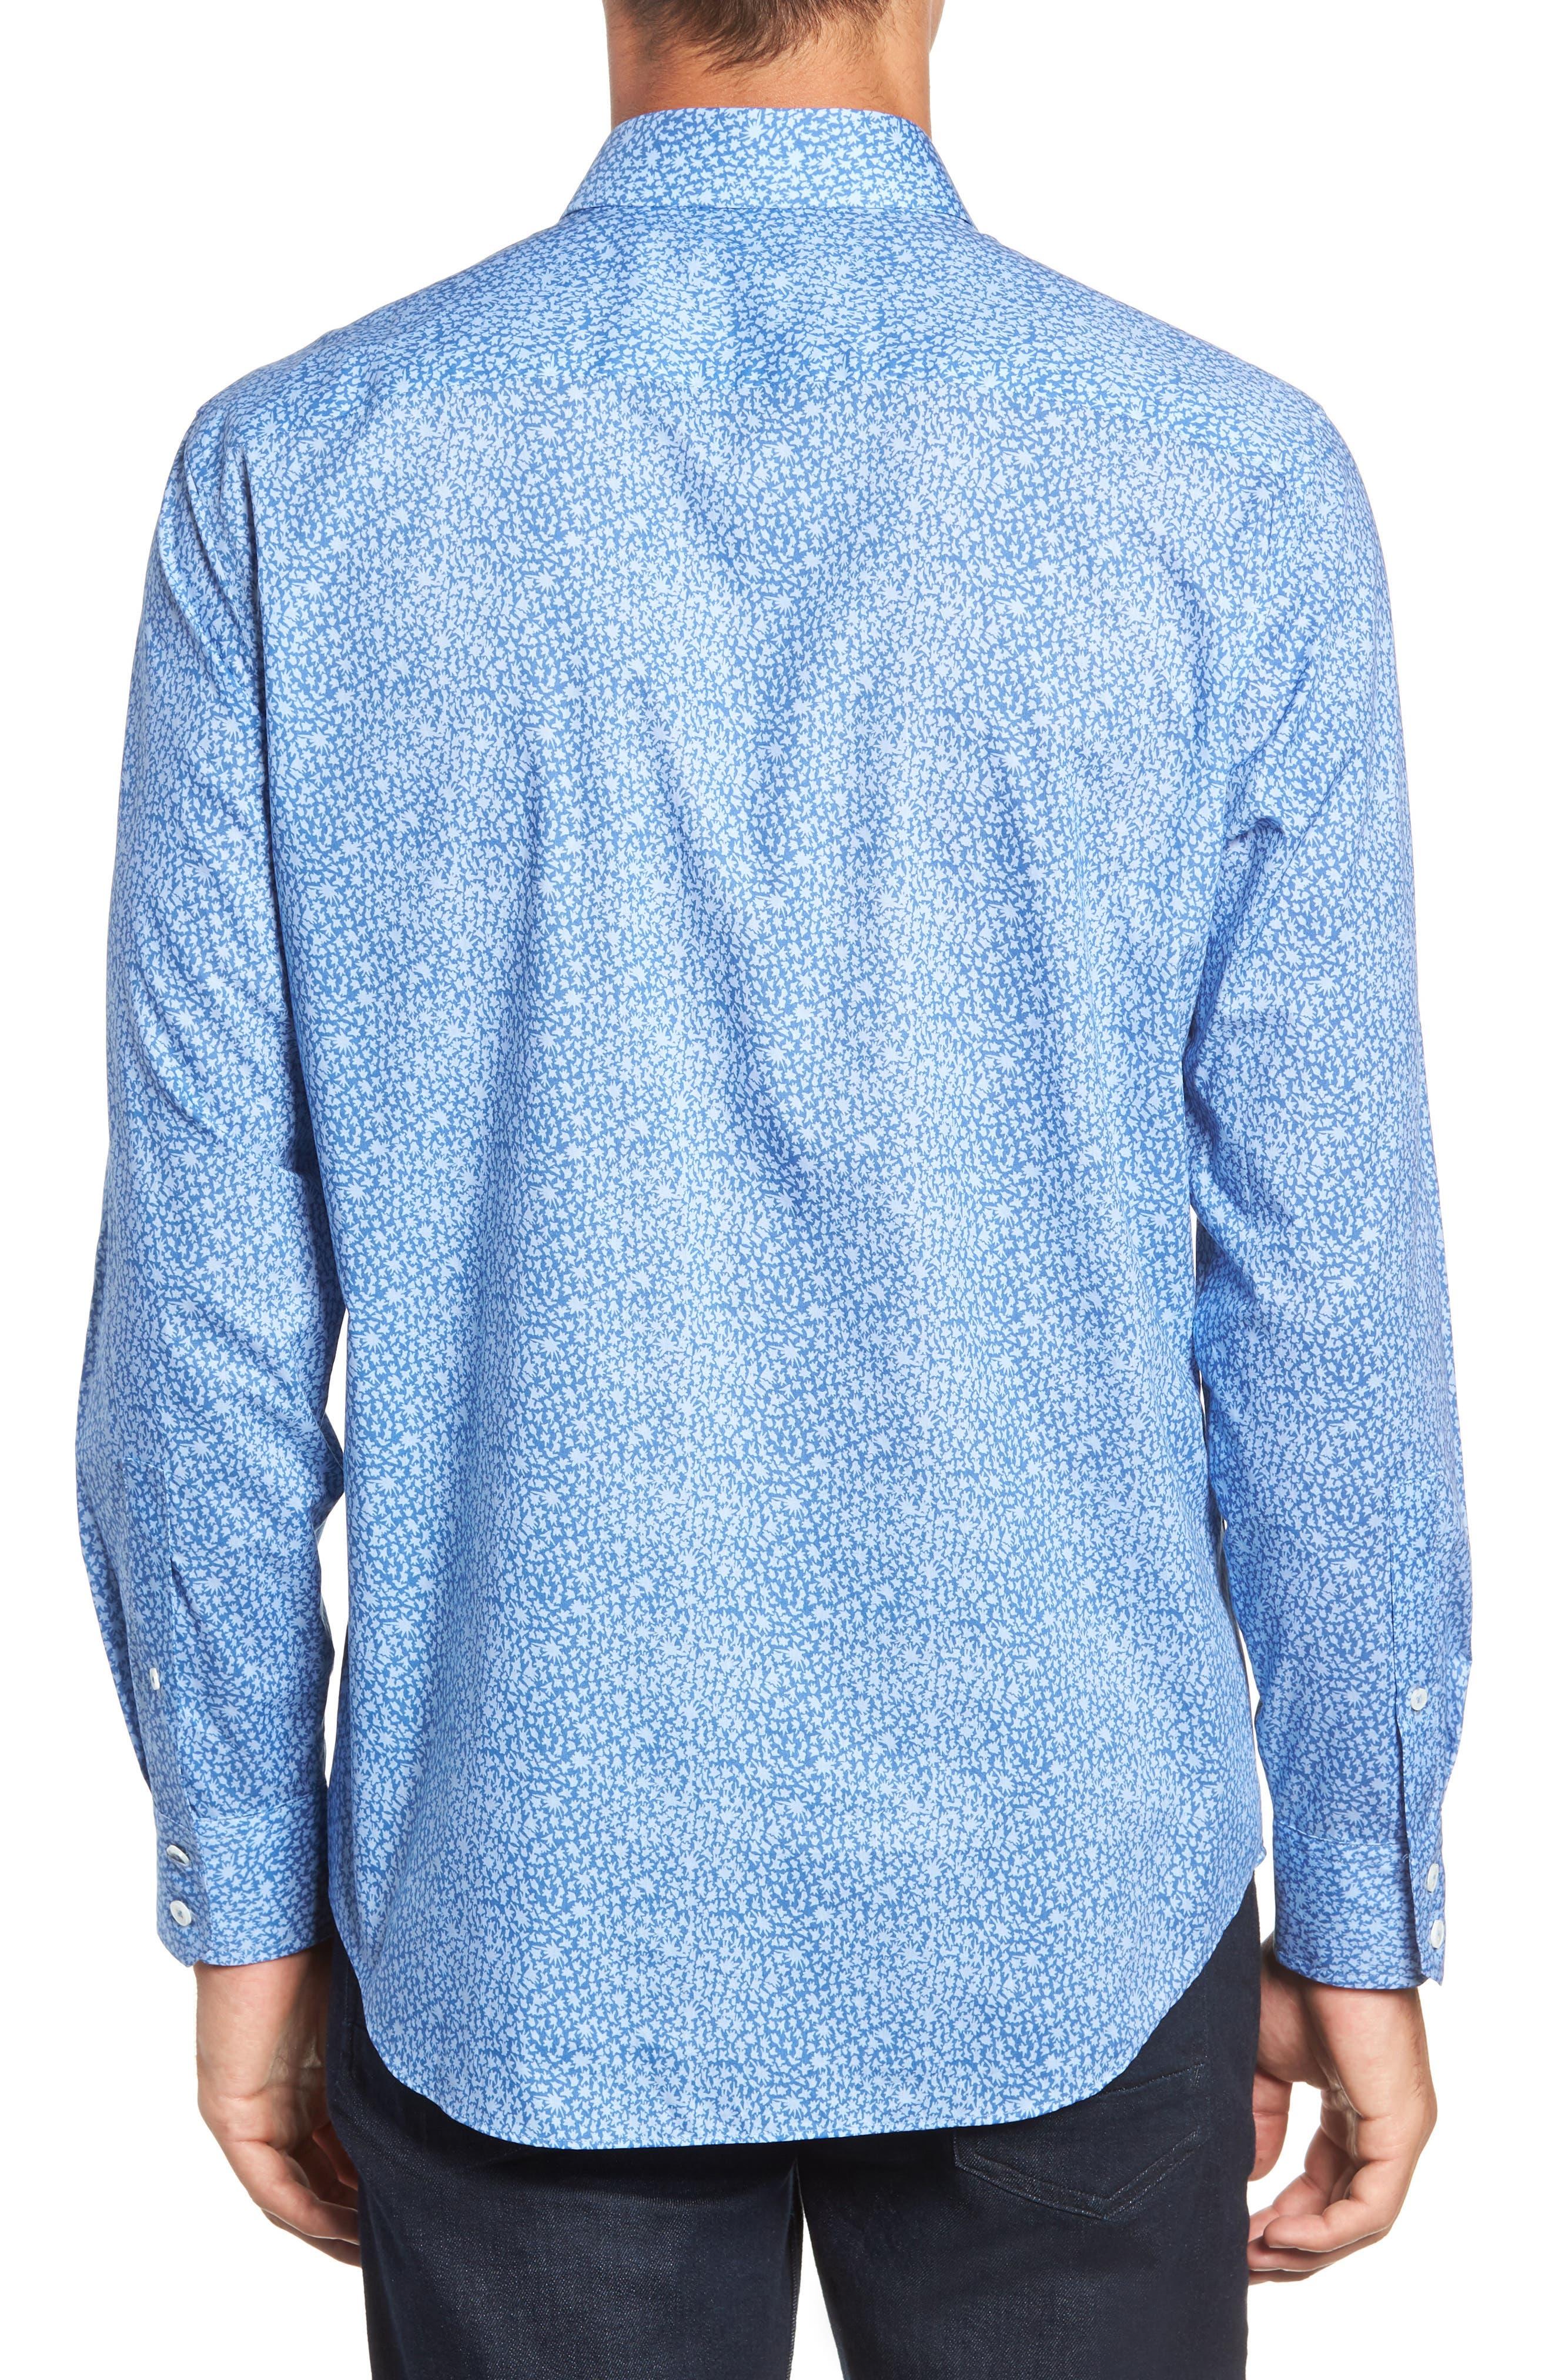 ZACHARY PRELL, Elliot Regular Fit Sport Shirt, Alternate thumbnail 3, color, 422